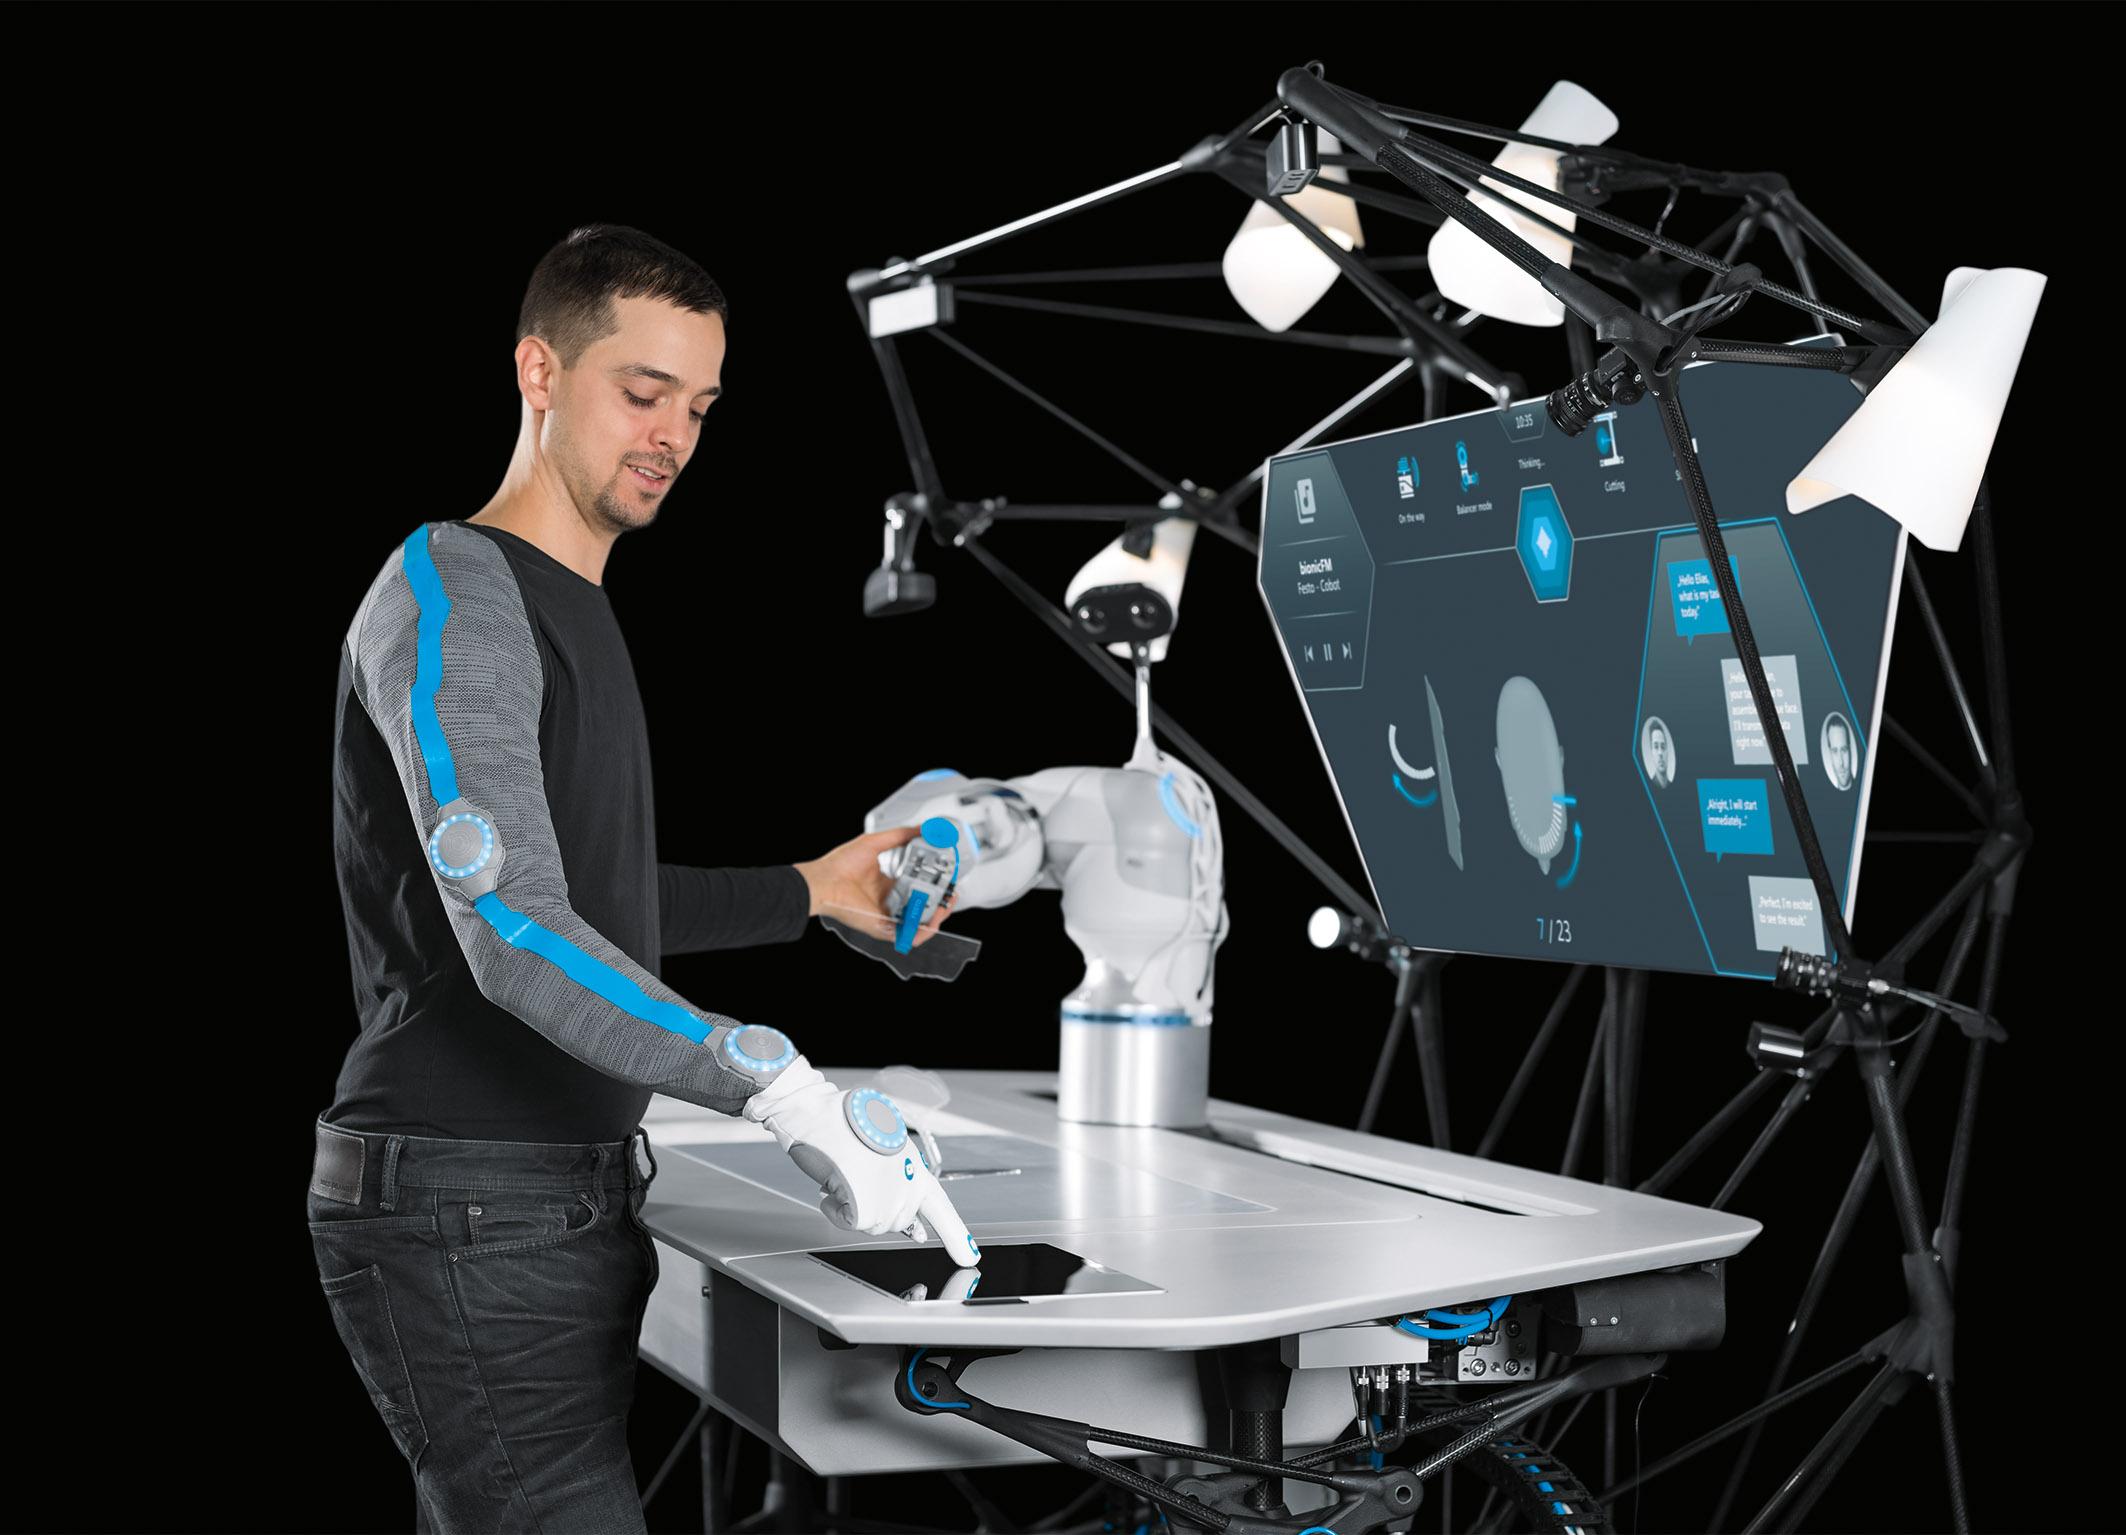 Künstliche Intelligenz und Machine Learning machen den BionicWorkplace zu einem lernenden und antizipativen System.